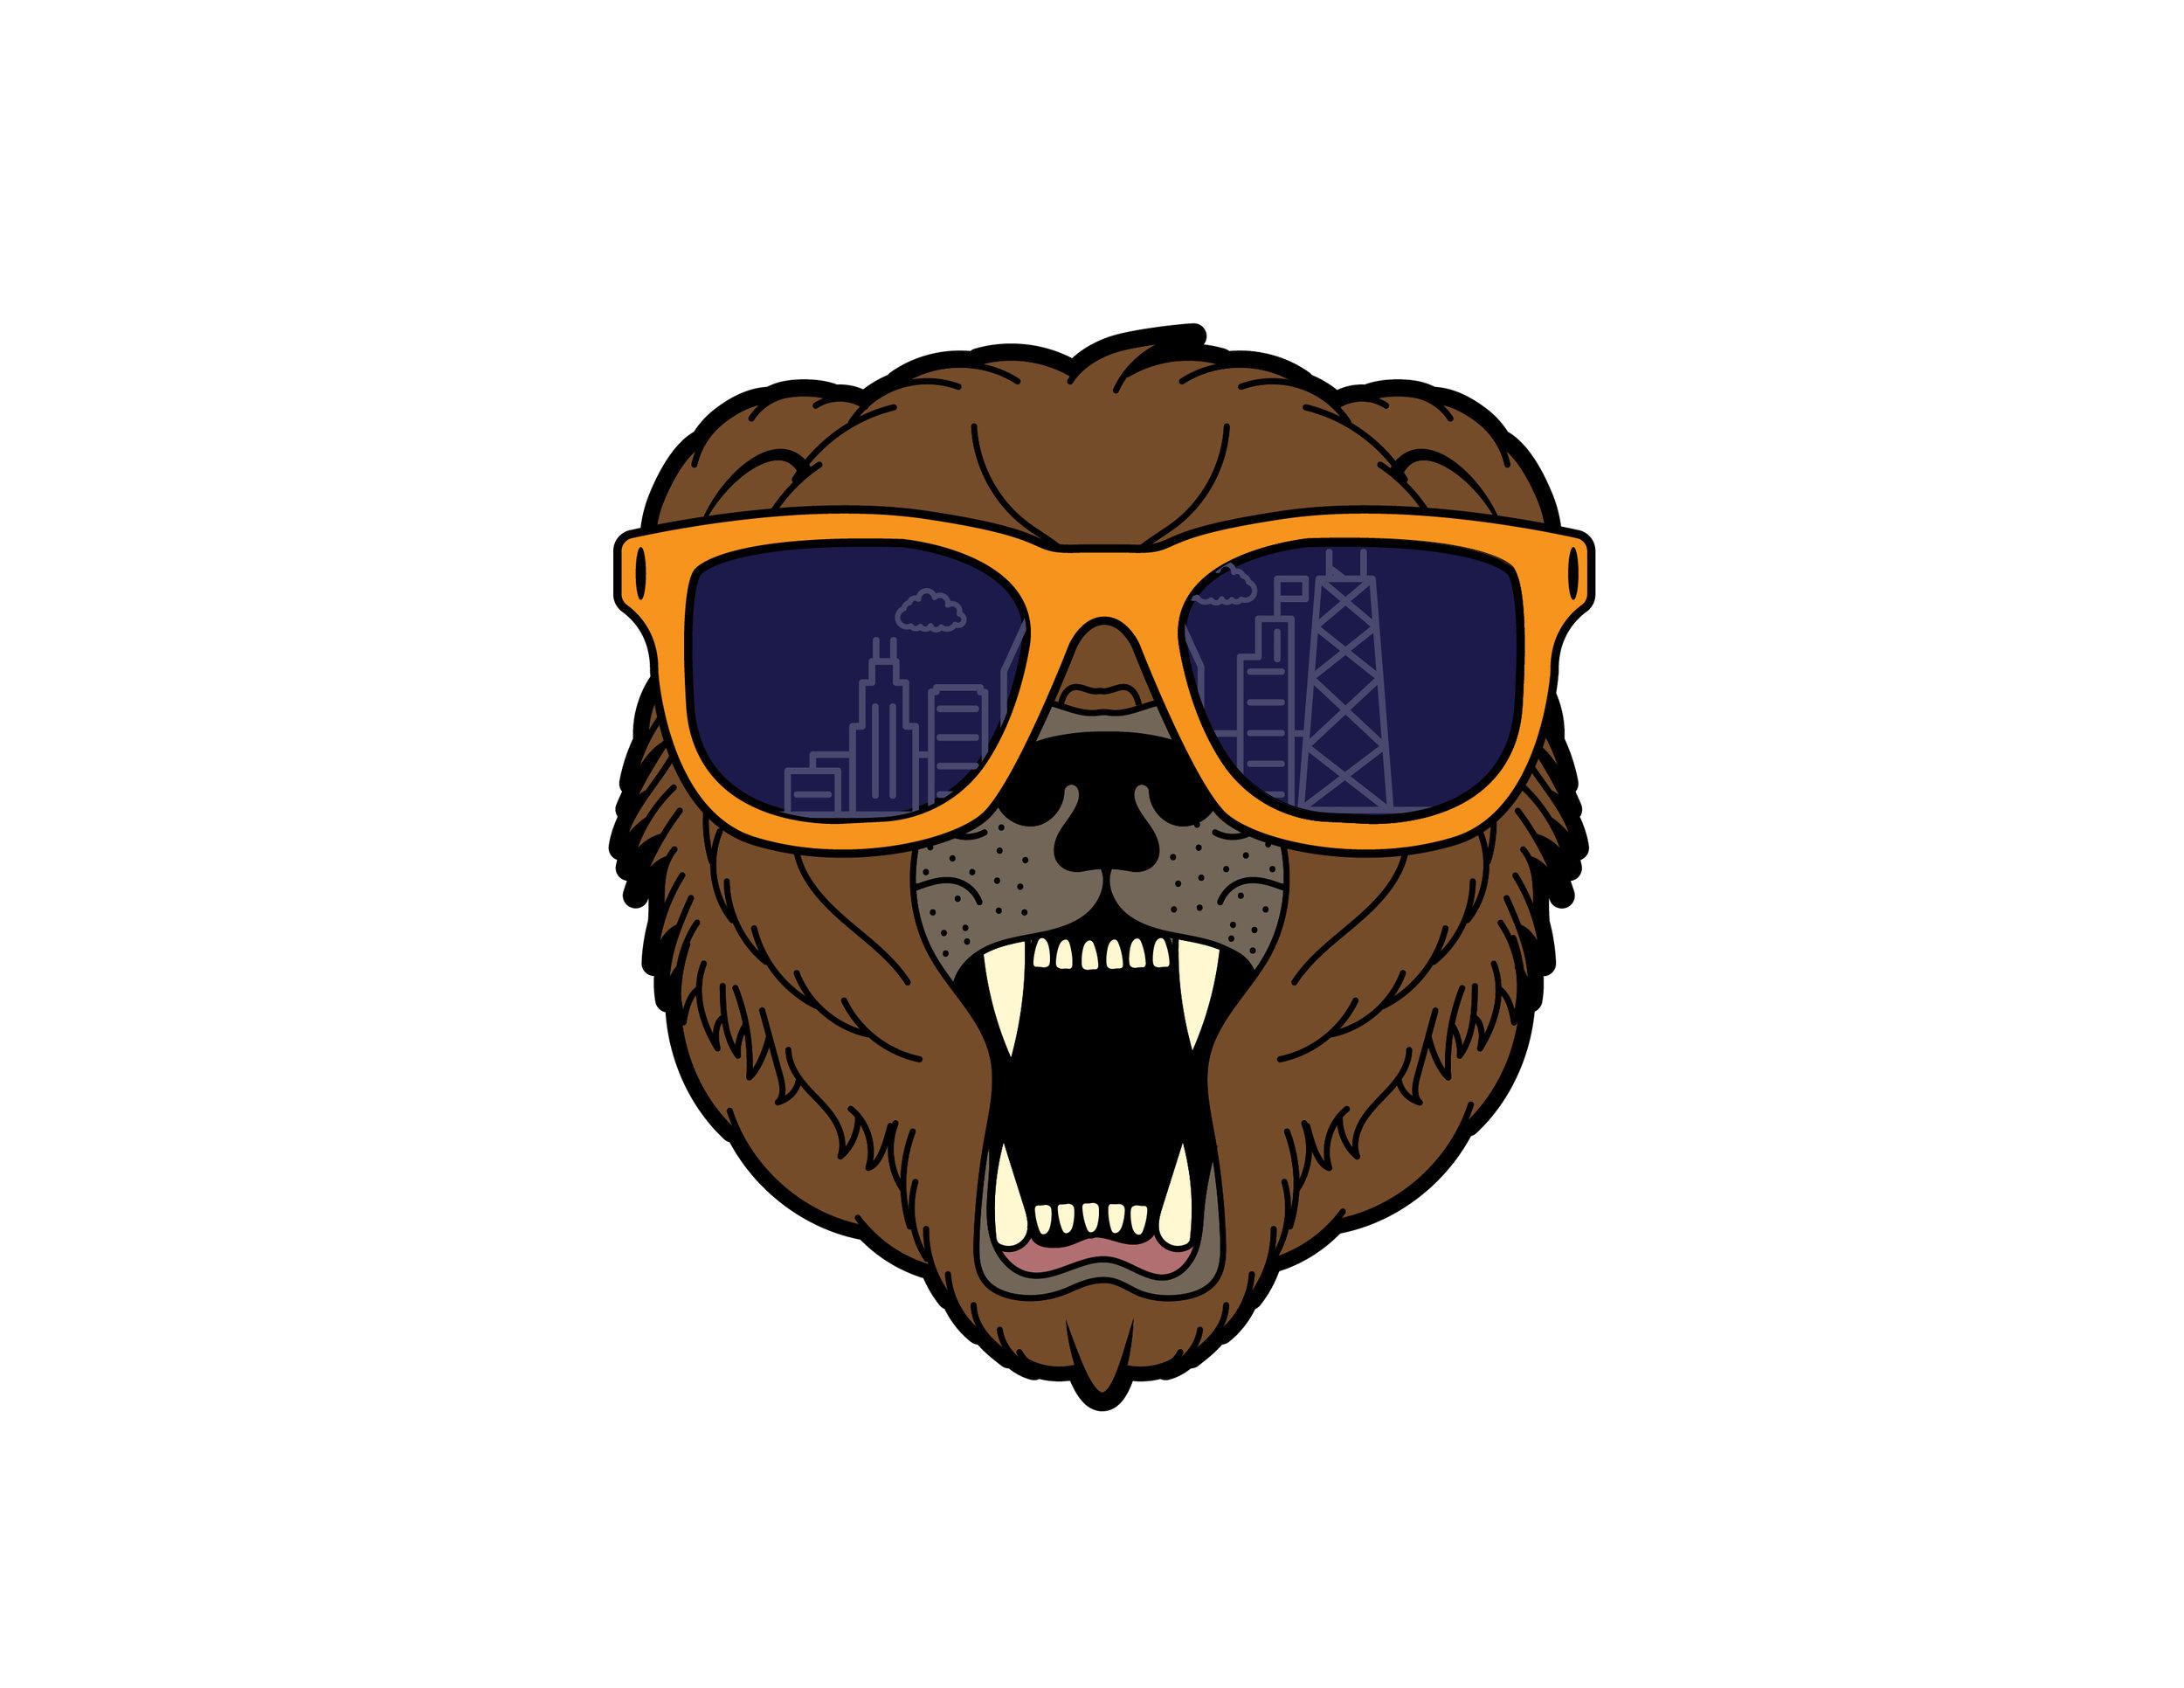 BEARS X RELLO